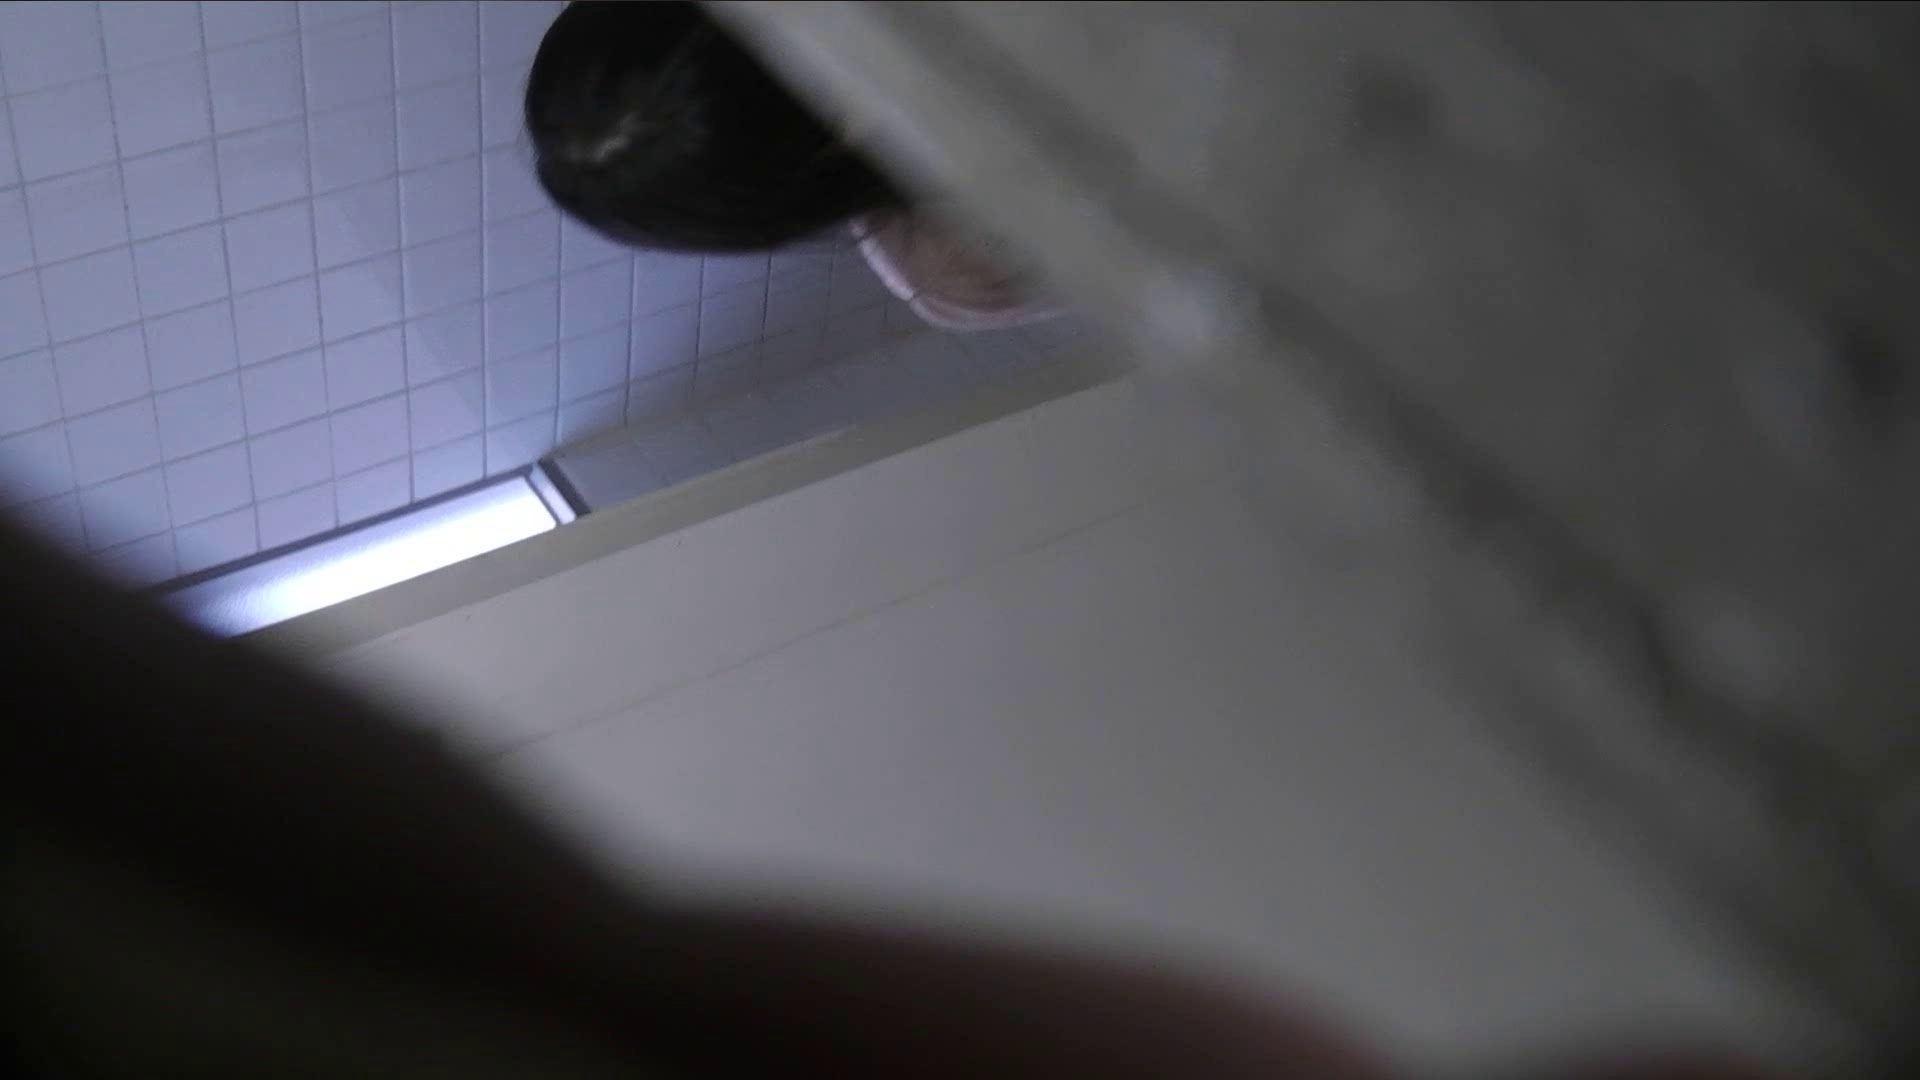 vol.06 命がけ潜伏洗面所! 茶髪タン、ハァハァ 前編 洗面所 おまんこ無修正動画無料 74枚 22